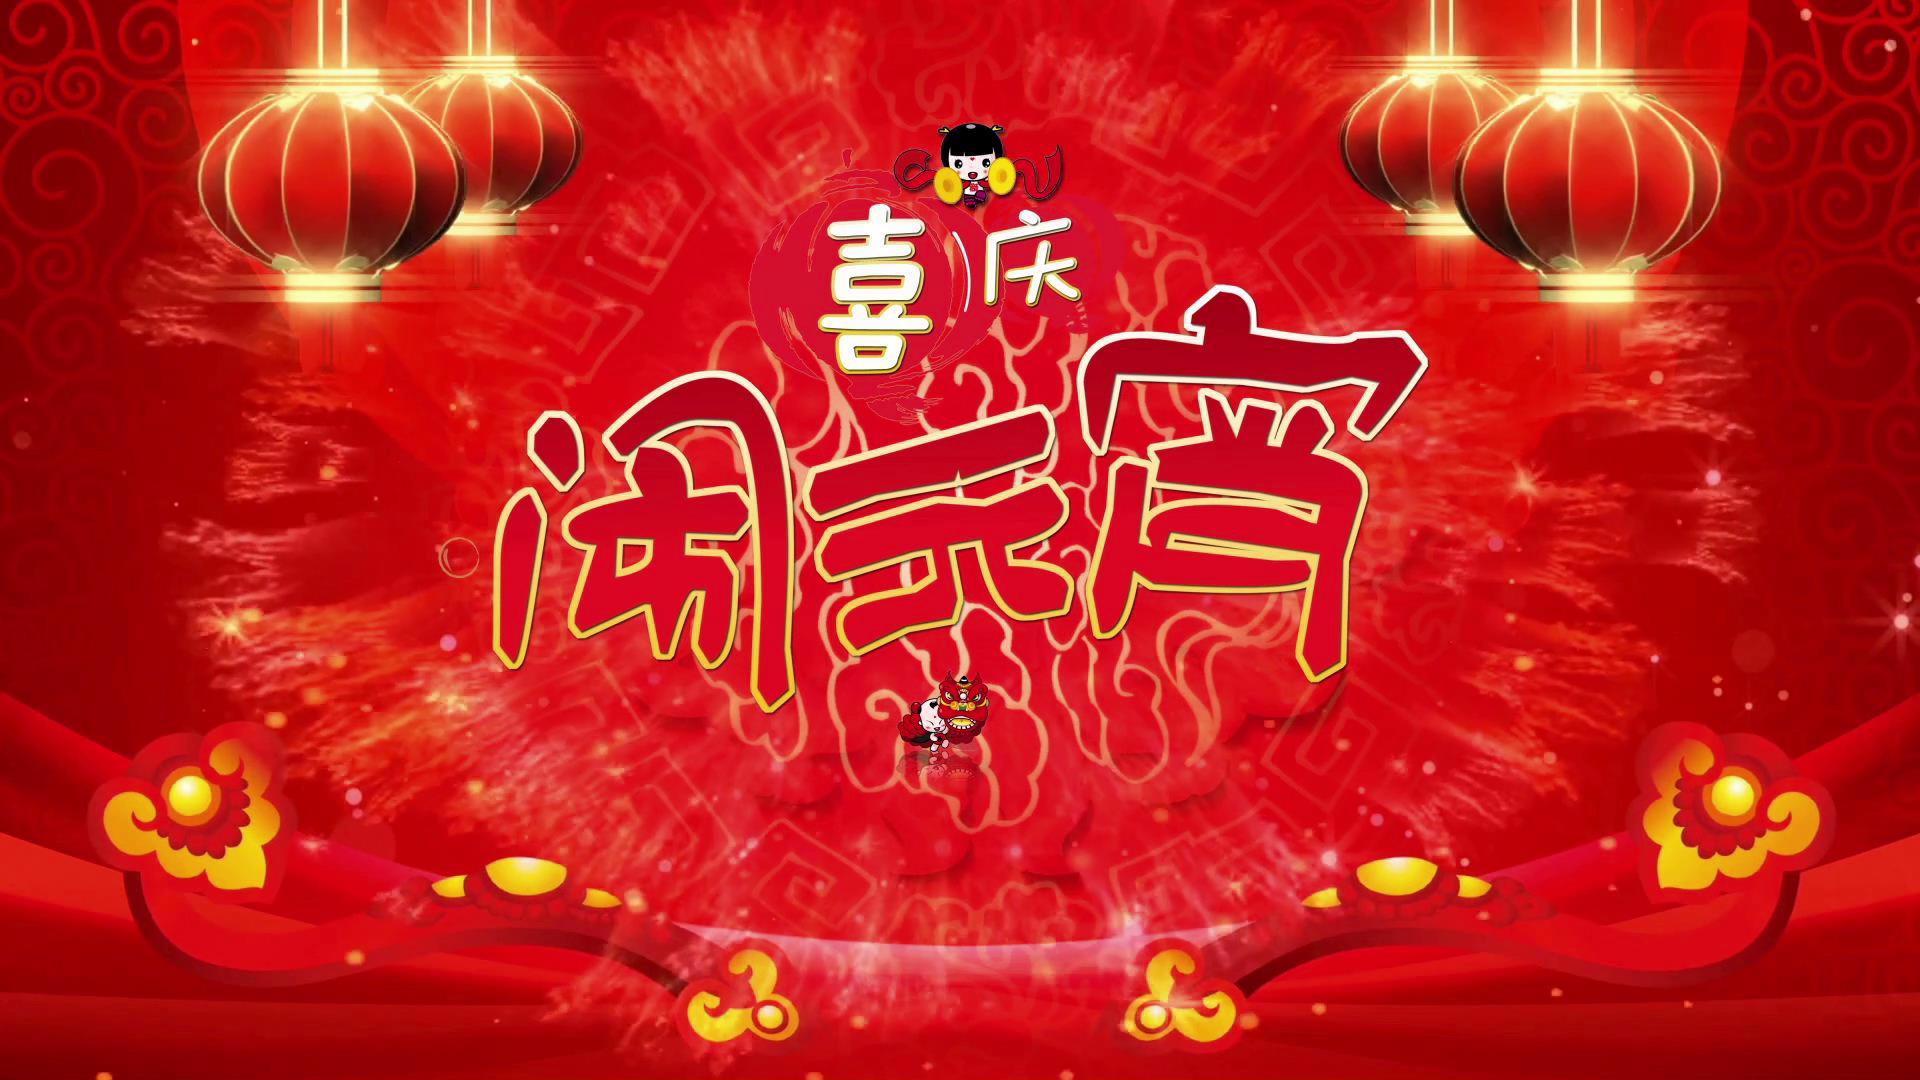 高清喜庆元宵节晚会开场片头背景视频[00-00-01][20180209-135219802].jpg